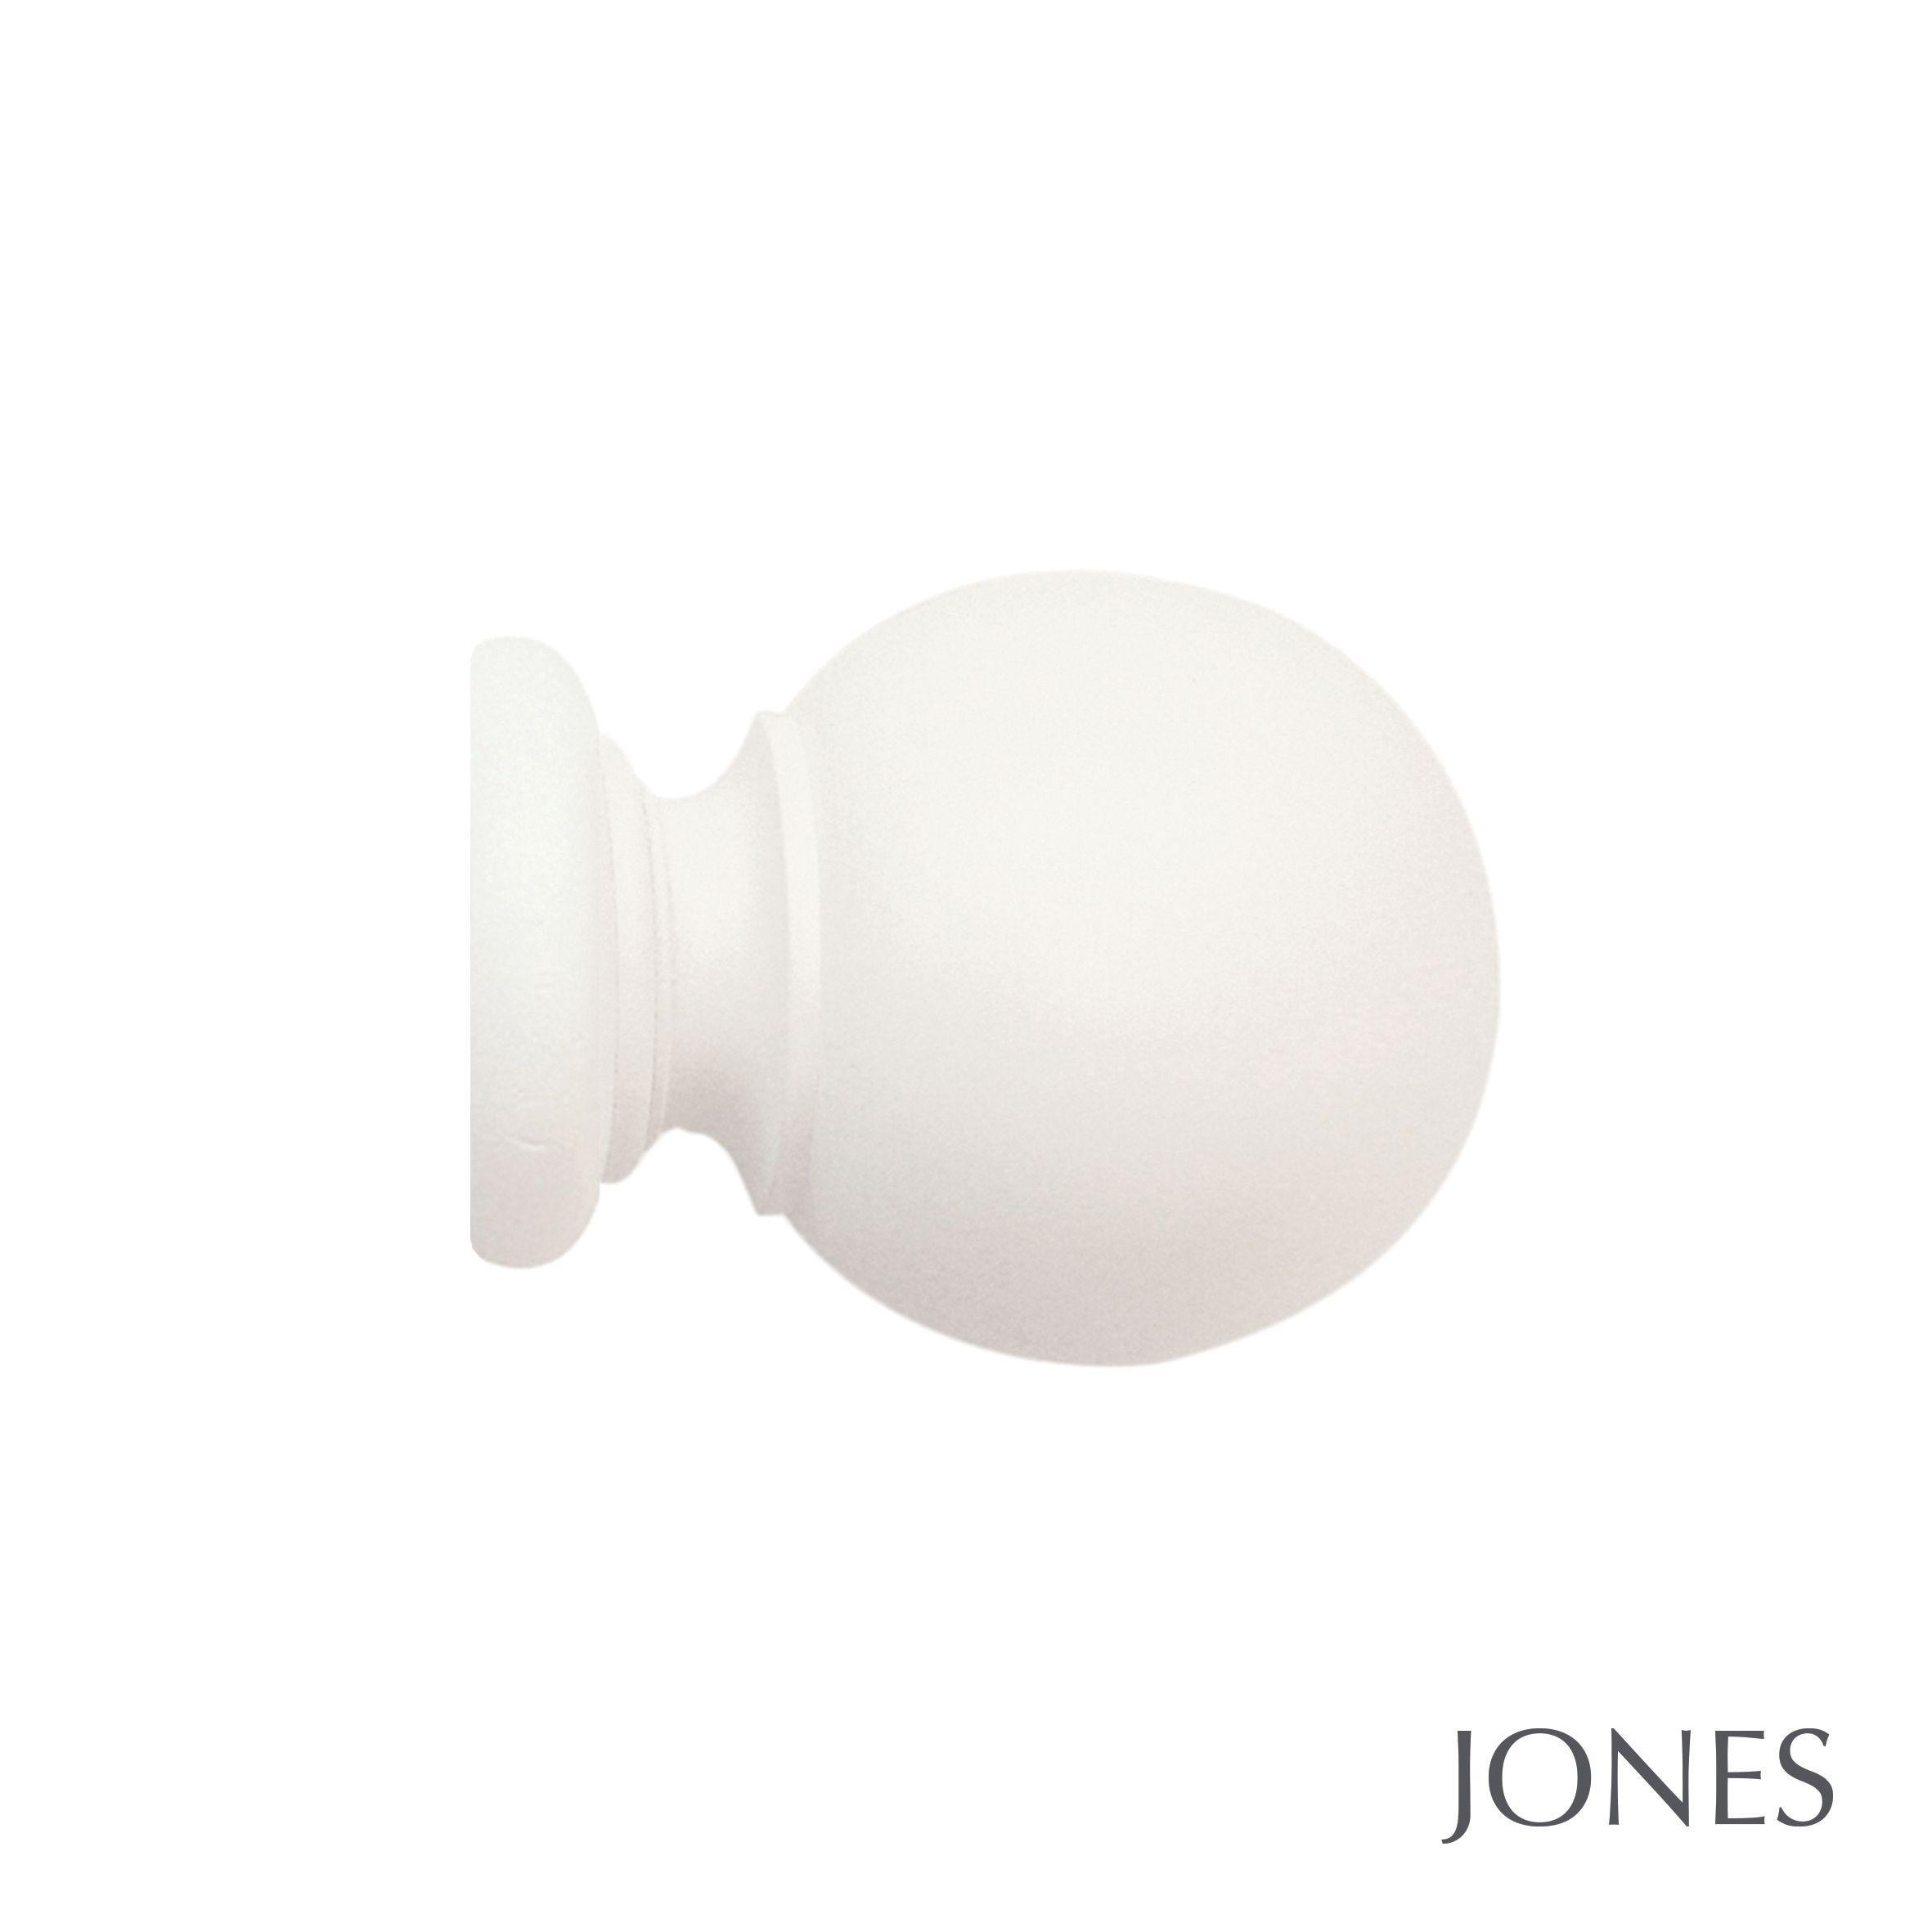 40mm Jones Seychelles Ball Finial cotton